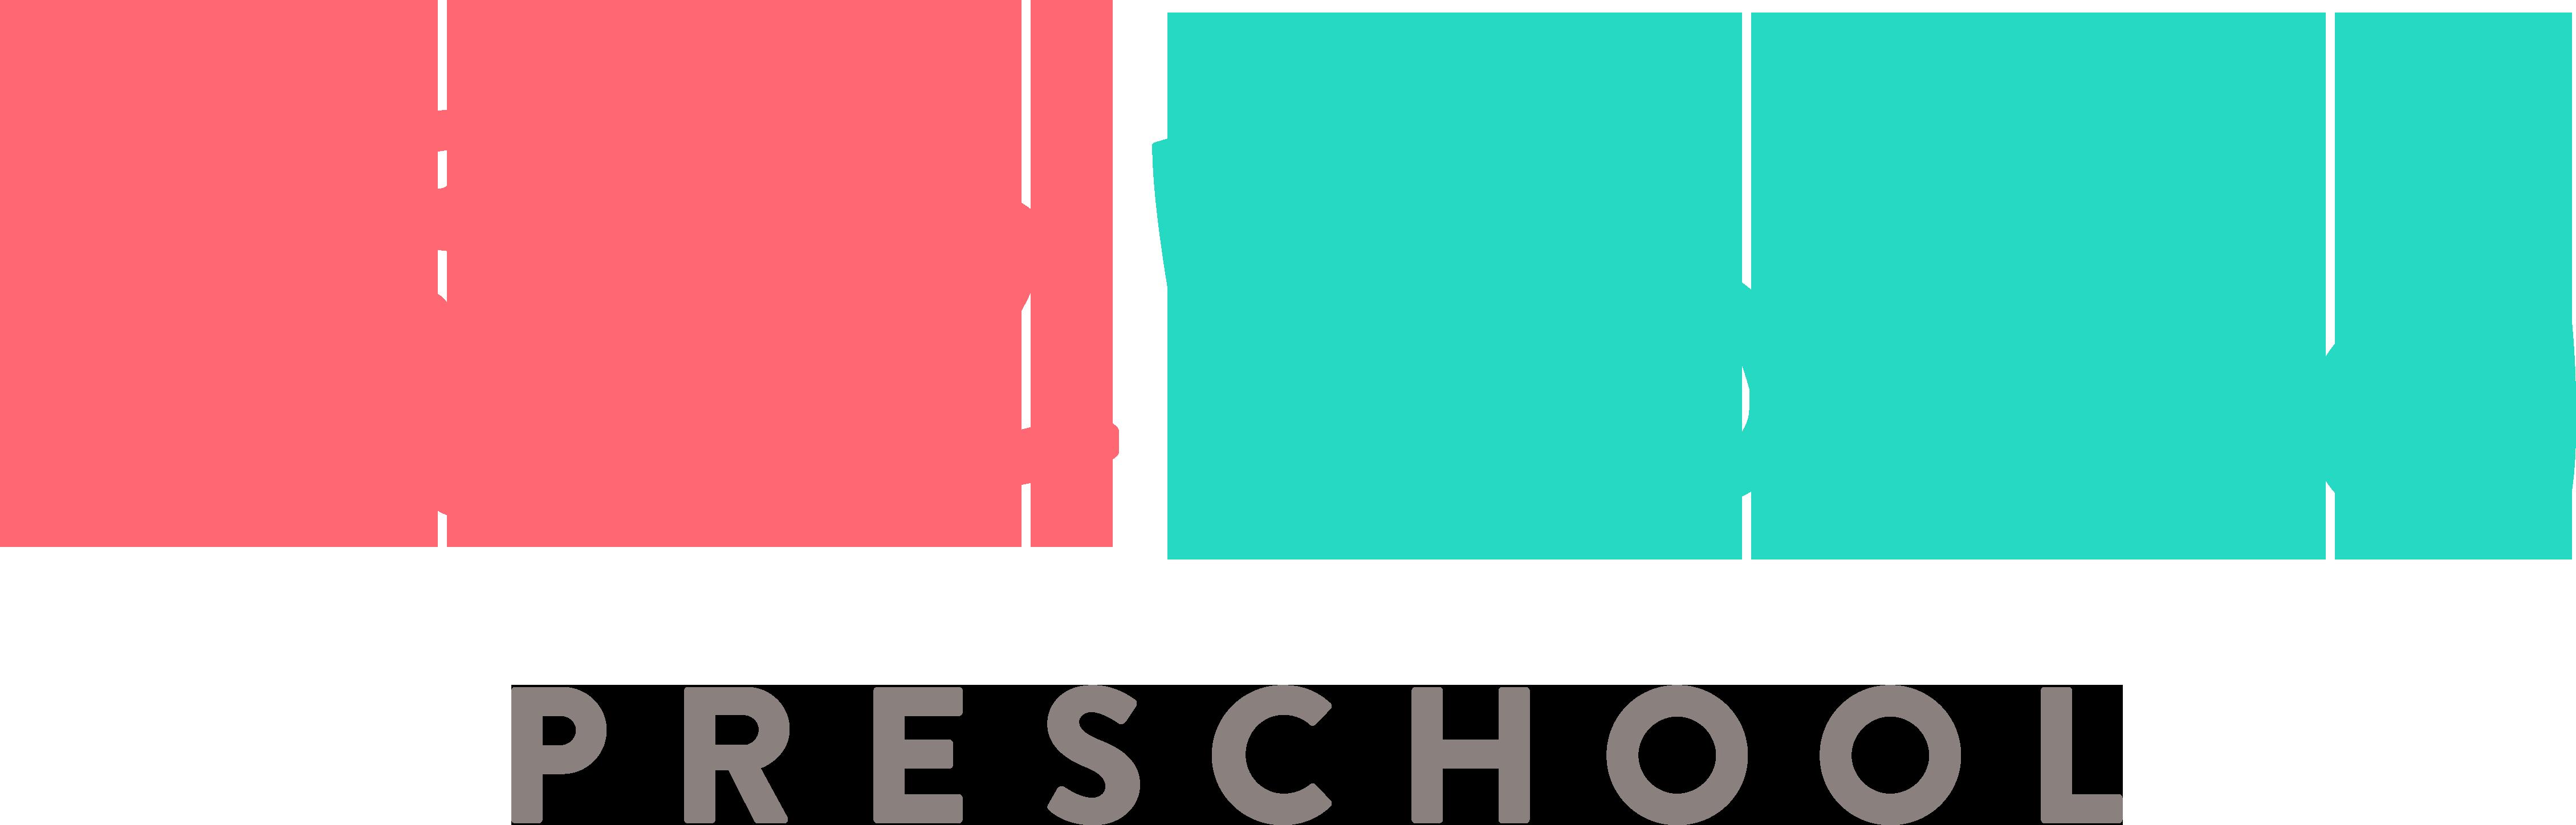 Kw logo large